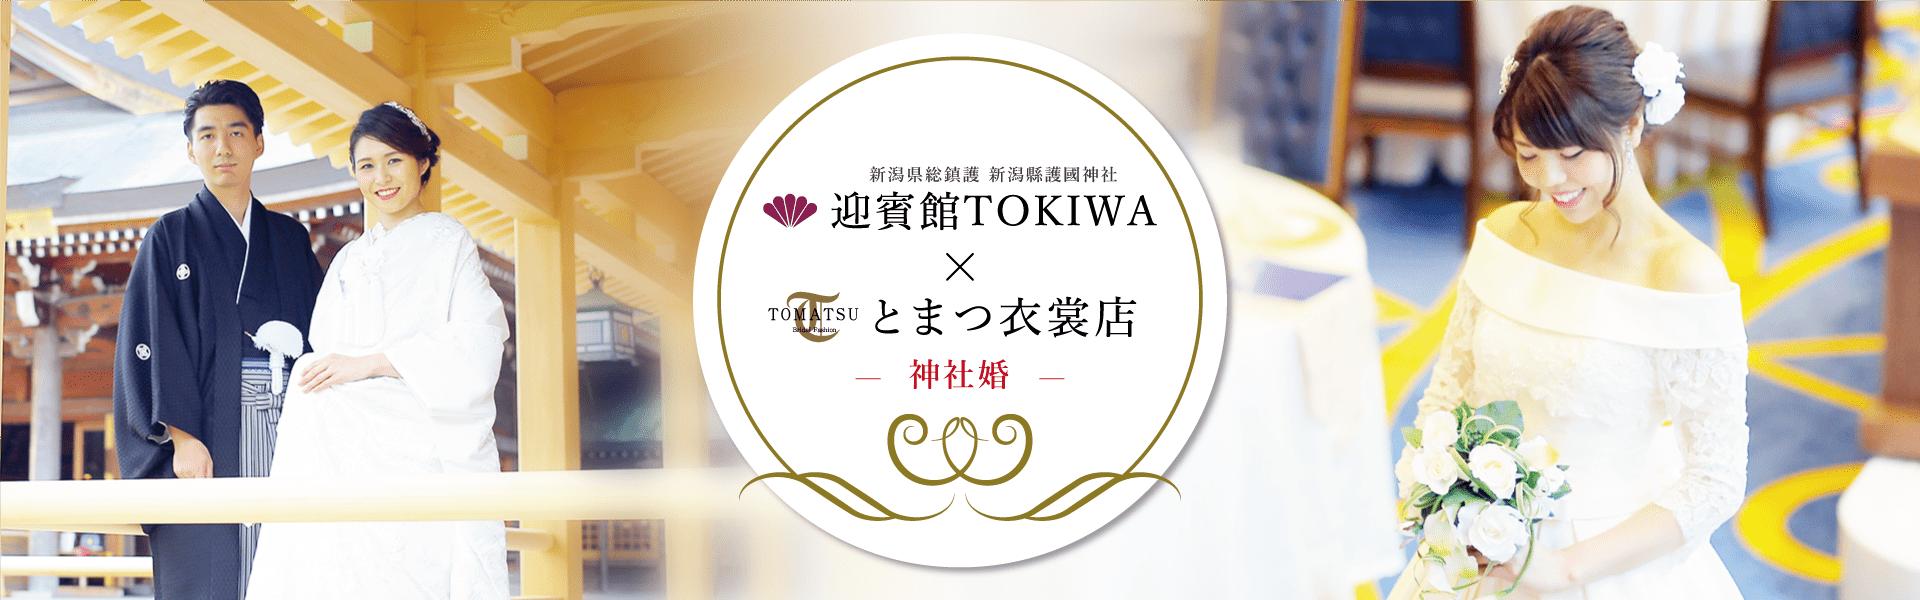 迎賓館TOKIWA×とまつ衣裳店 ウェディング